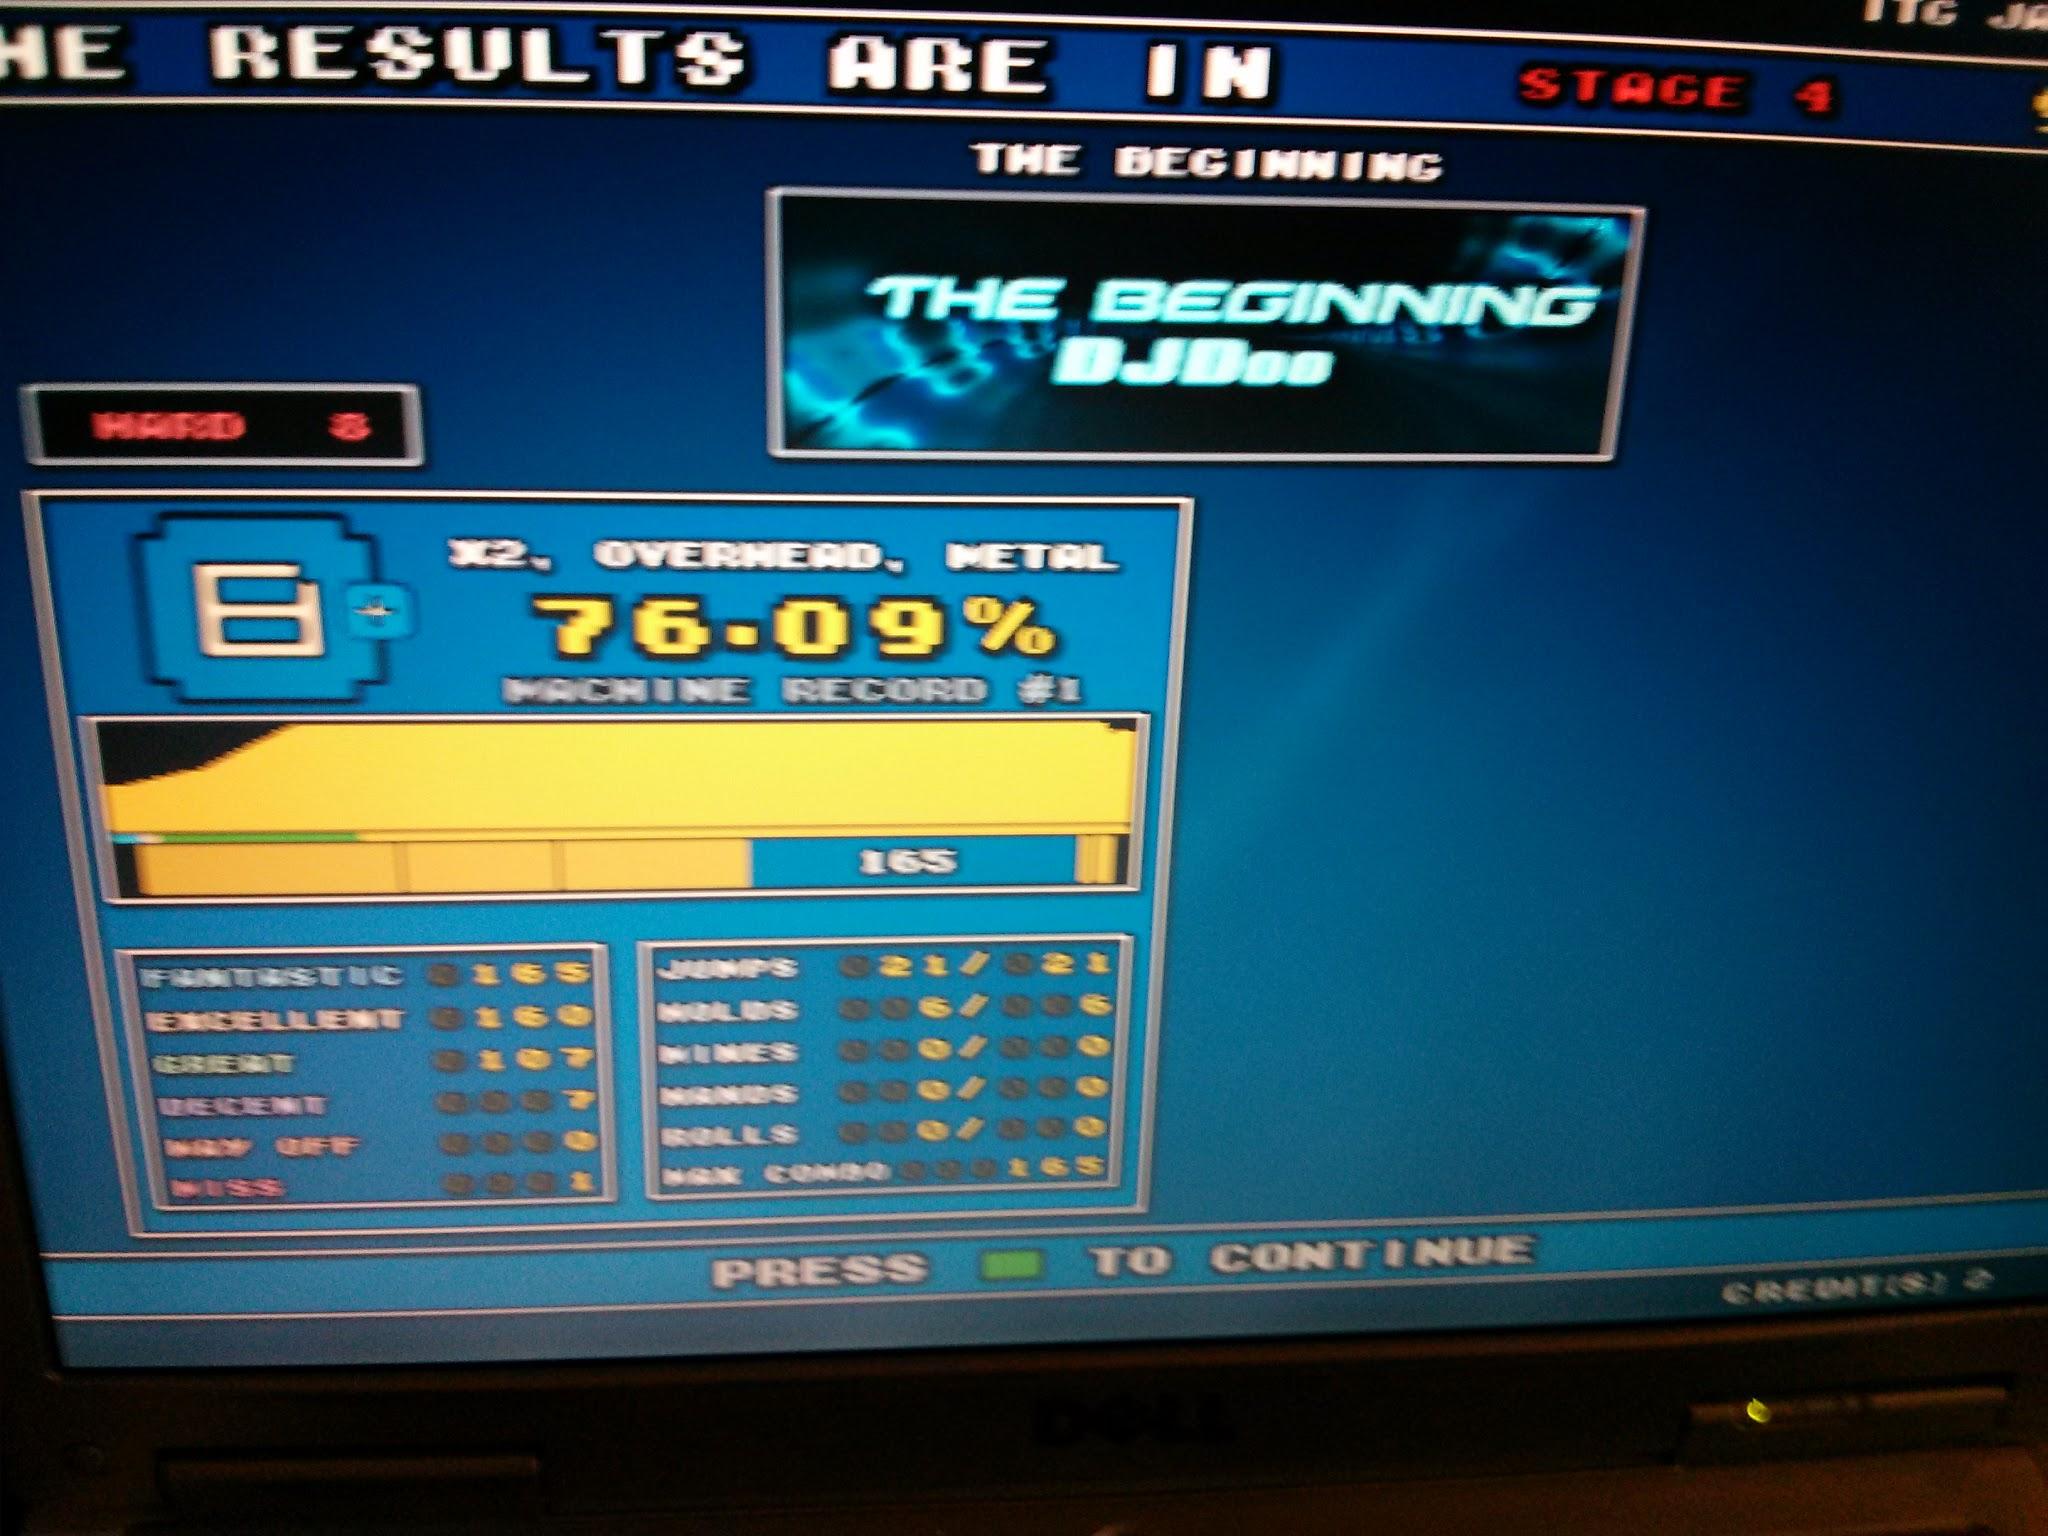 DDR Scores 12-12-12 6